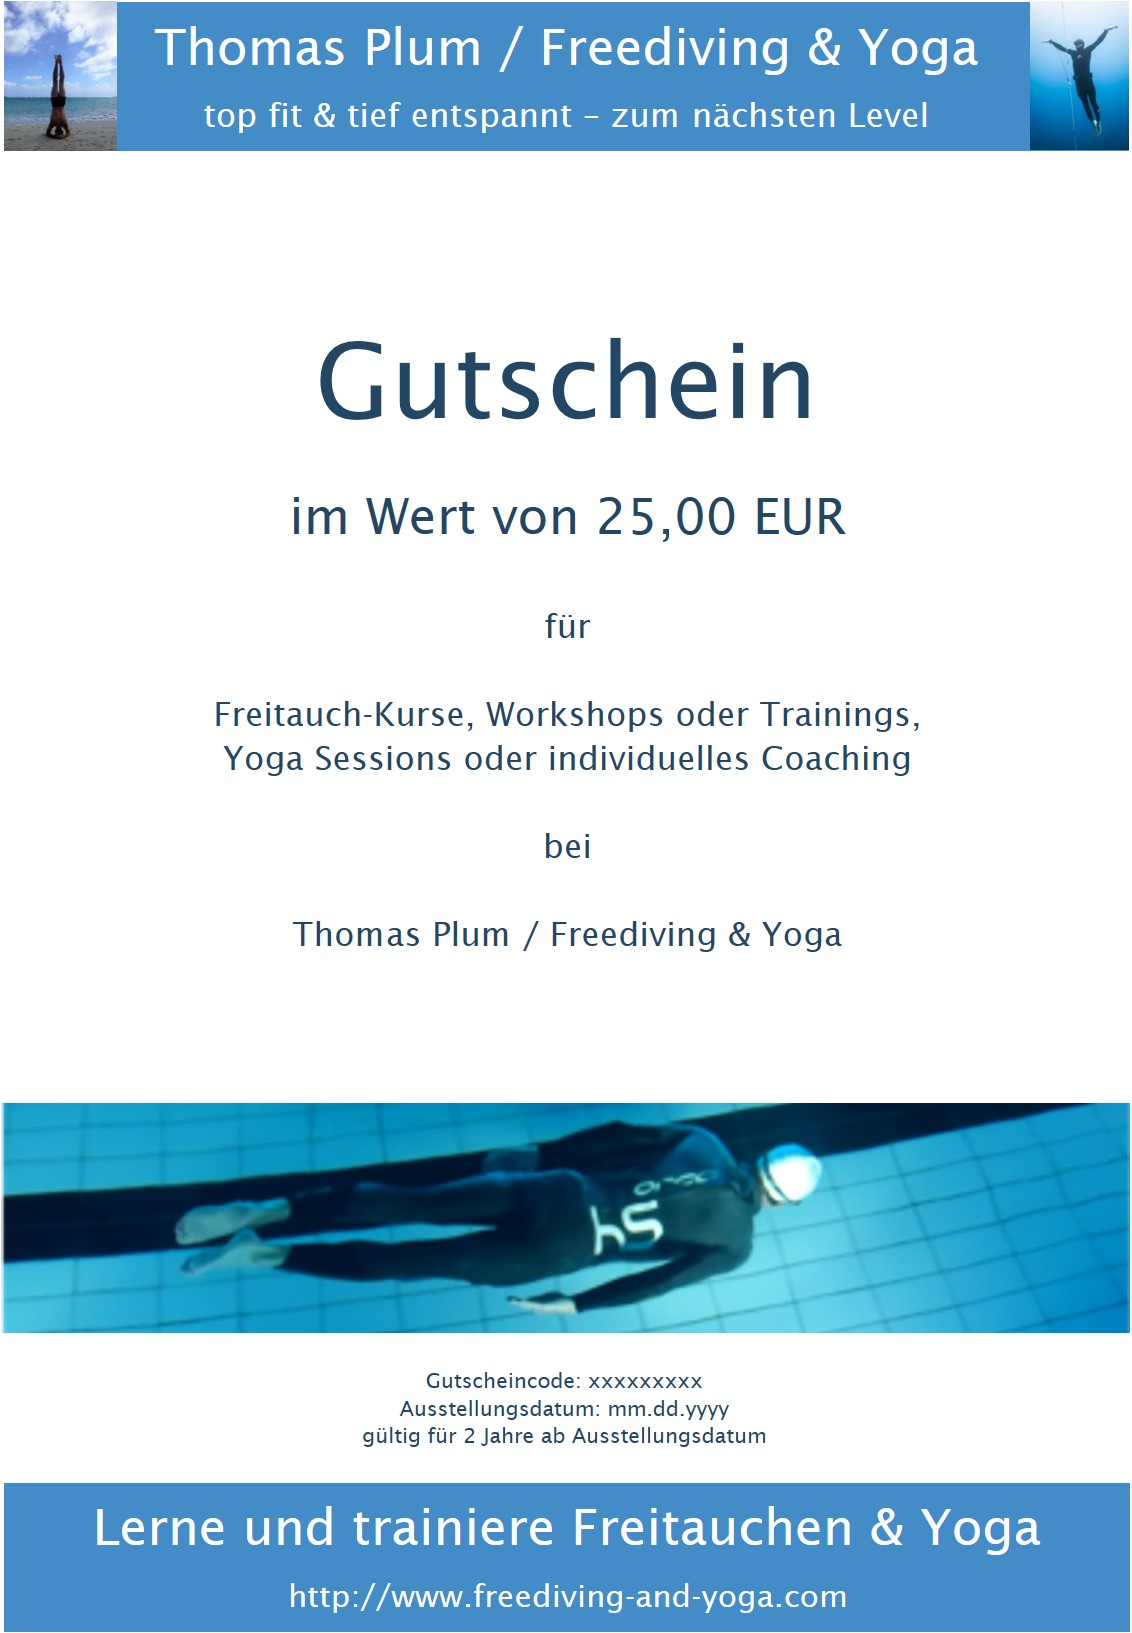 Gutschein (25 EUR)